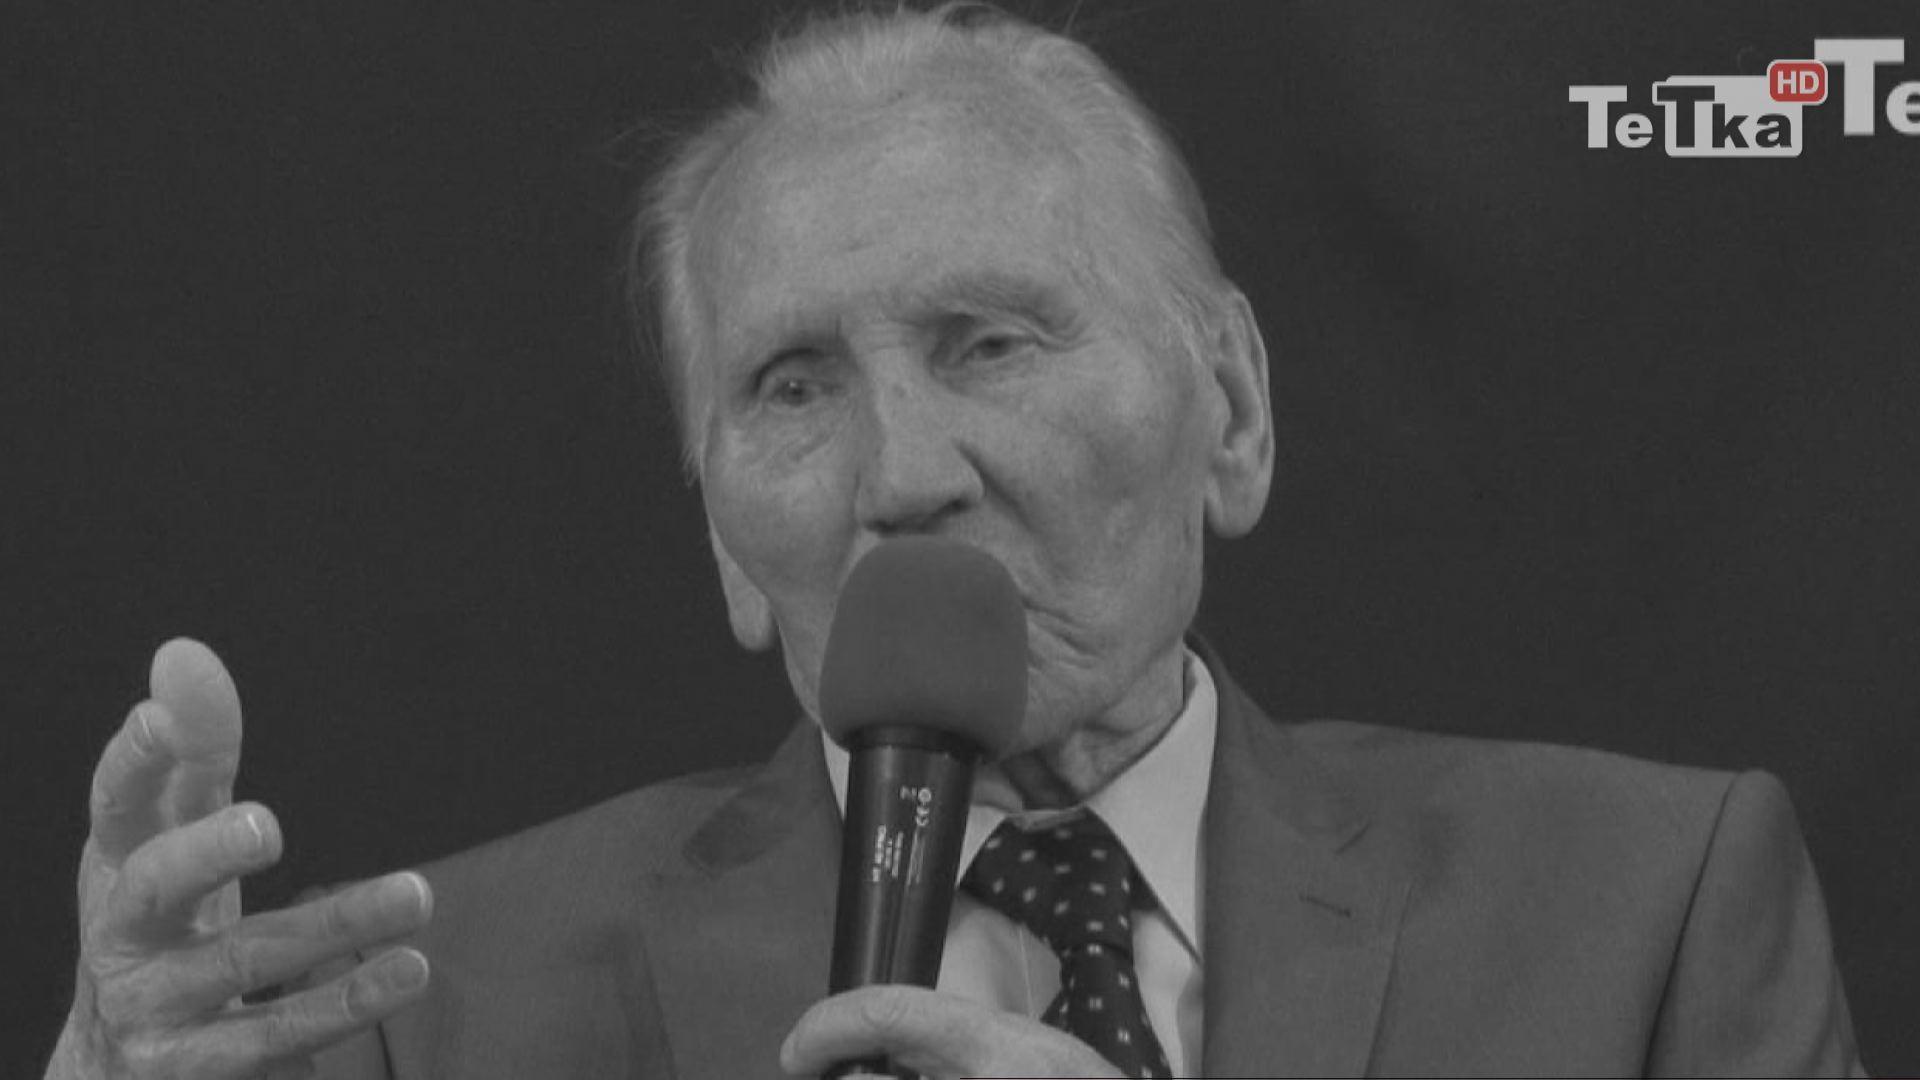 Zmarł Kazimierz Piechowski